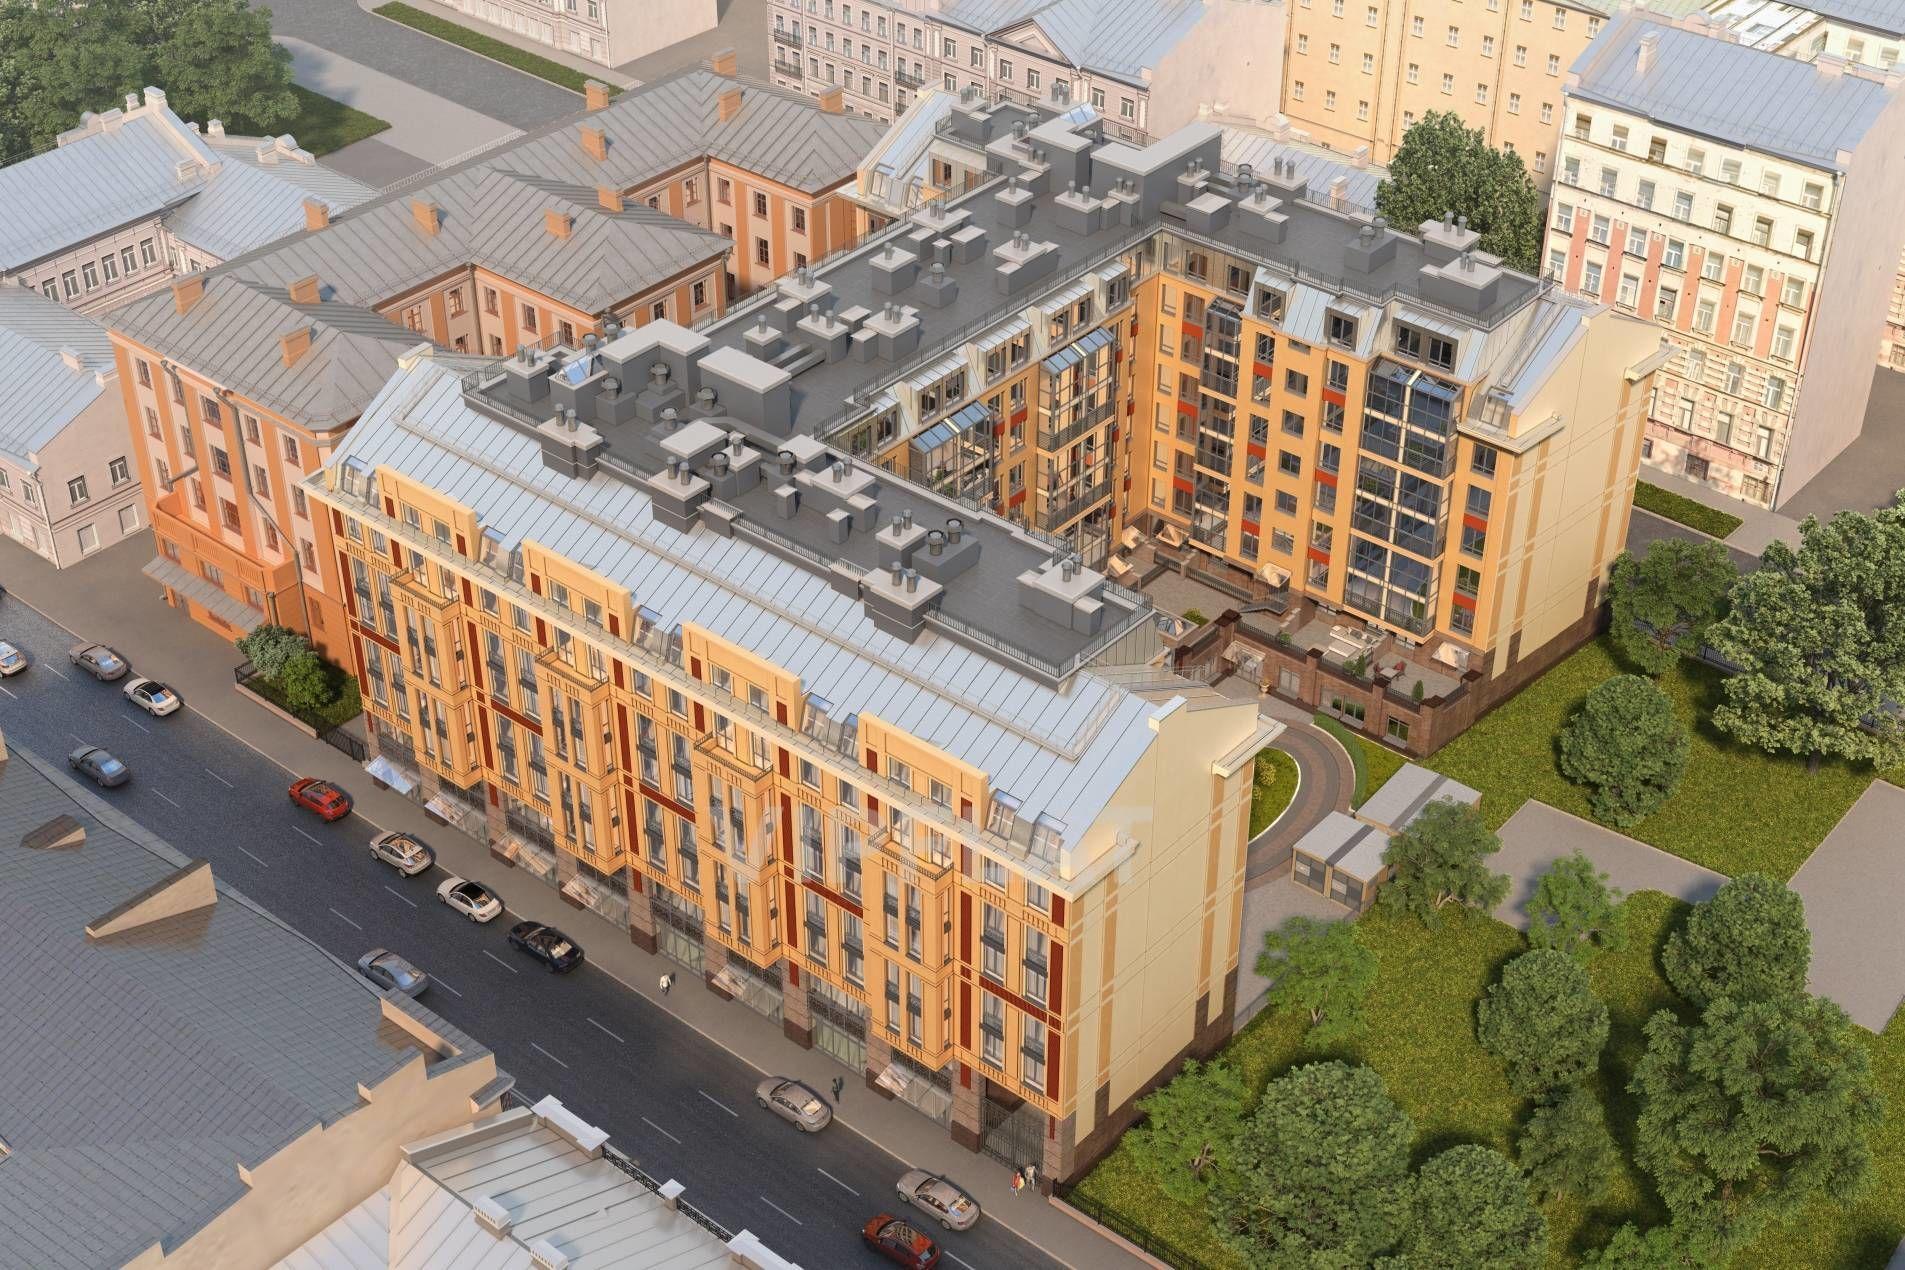 Продажа элитных квартир Санкт-Петербурга. 2-я Советская ул., 4 Вид с высоты птичьего полета